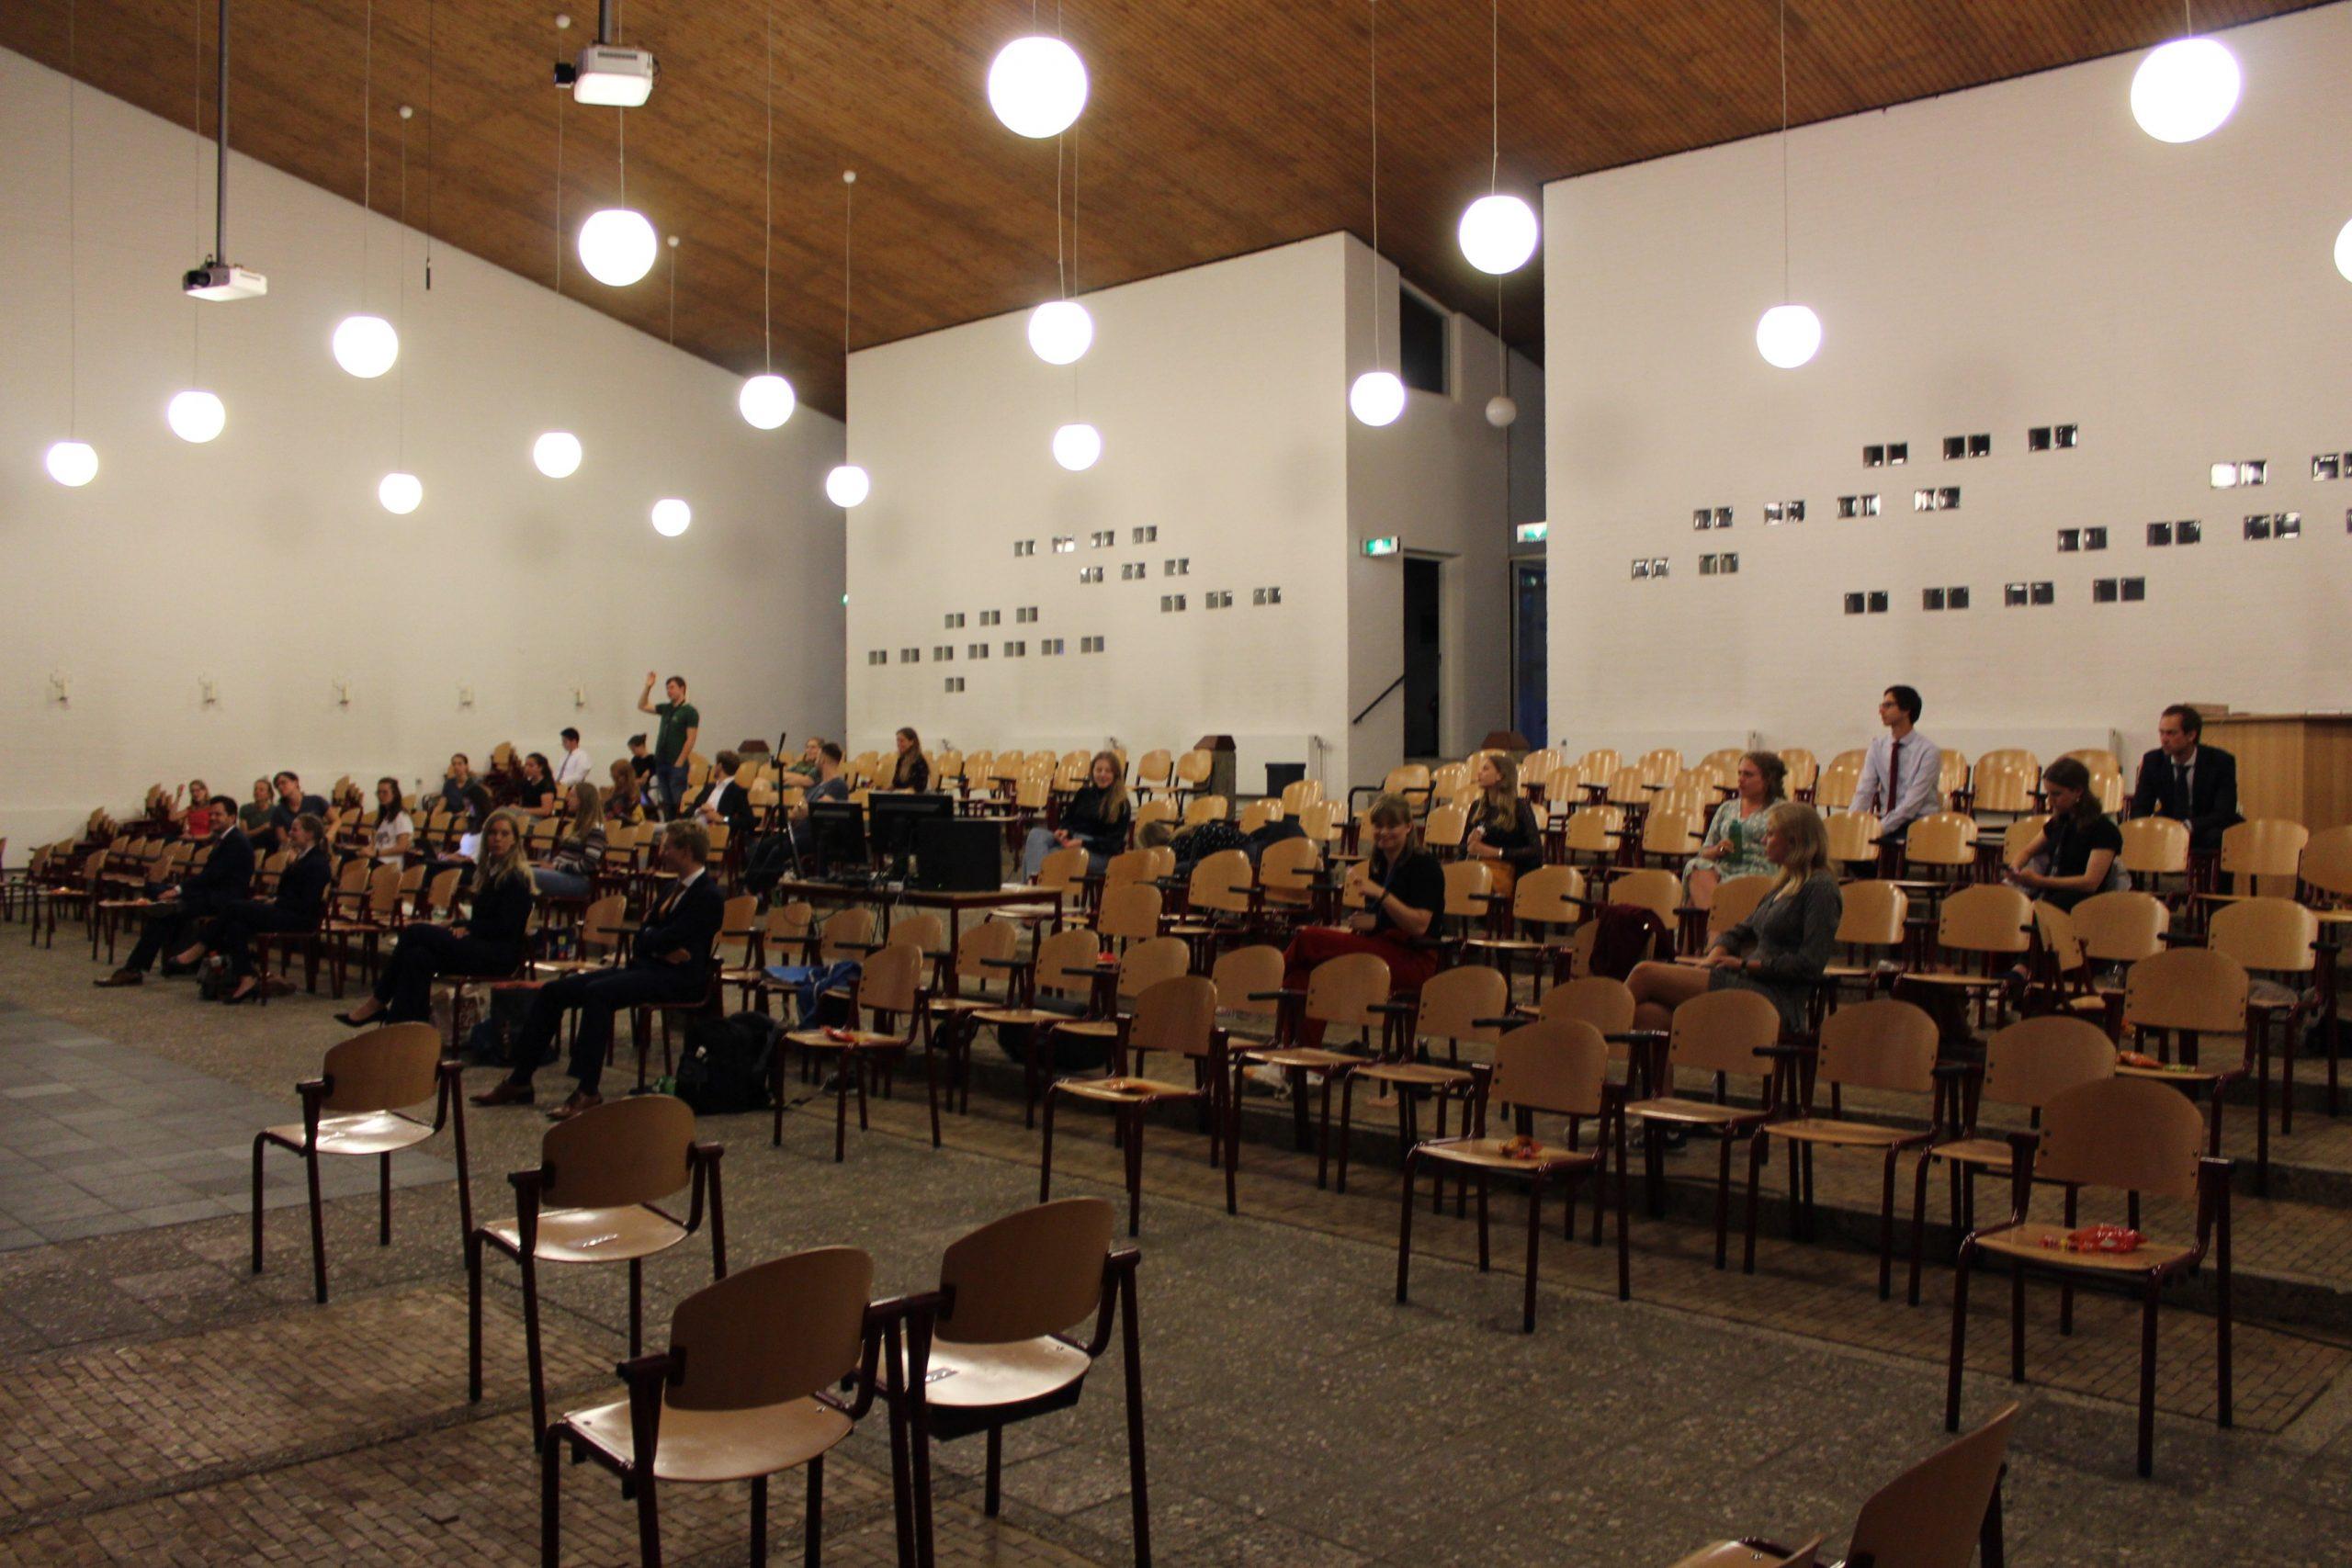 Algemene ledenvergadering (alv) van de VGSN in corona-tijd